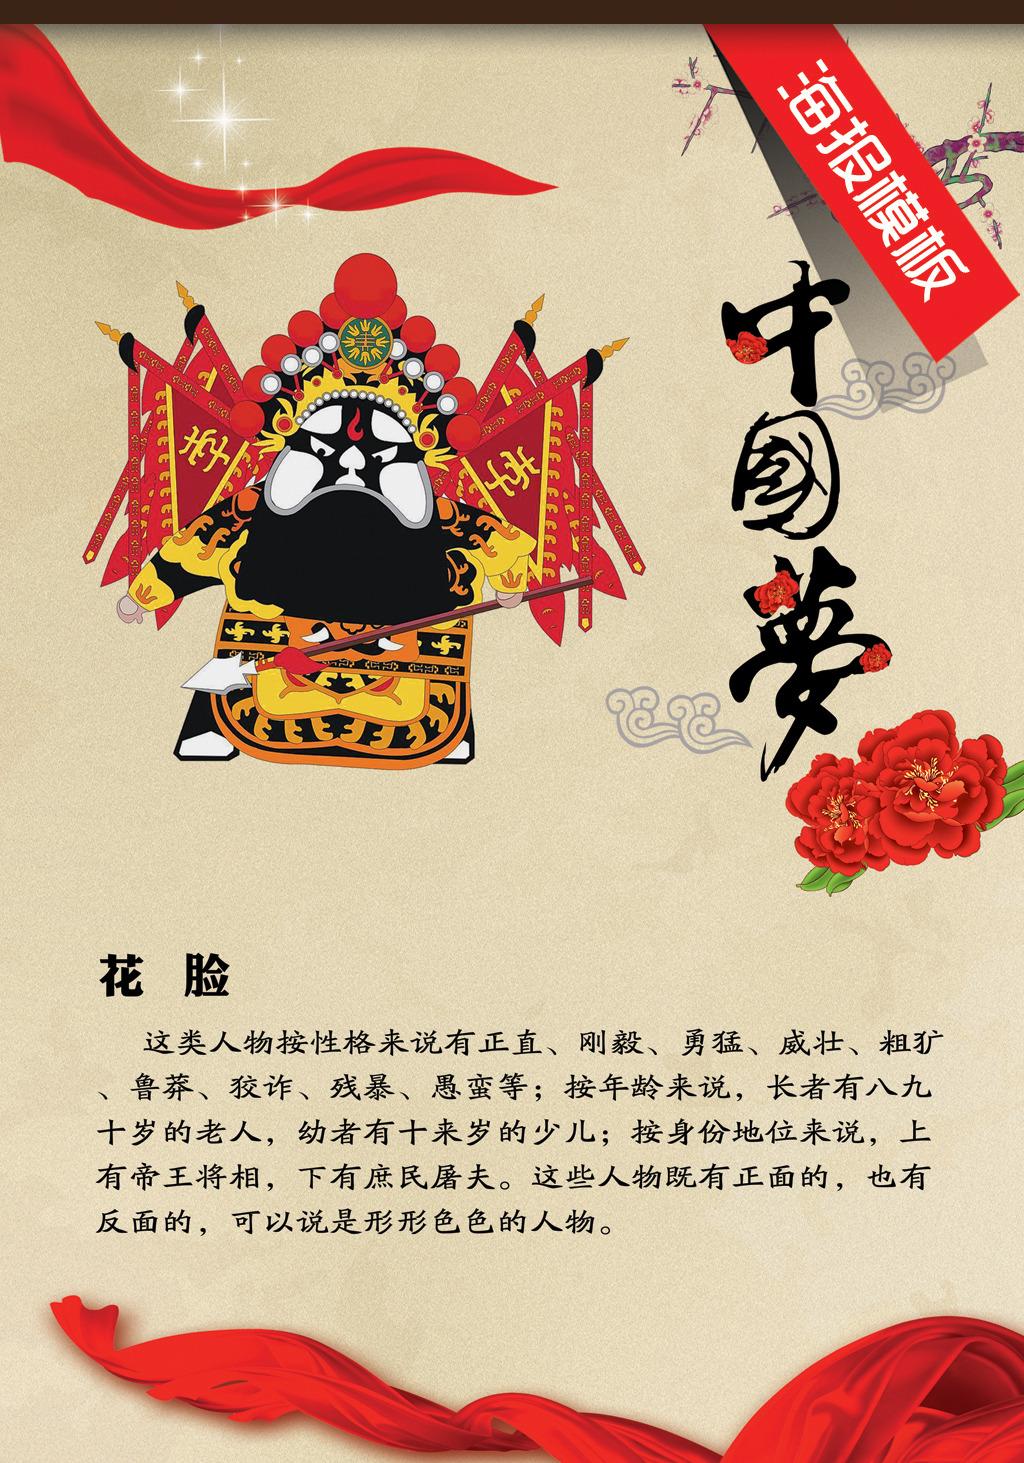 中国风中国梦京剧人物展板